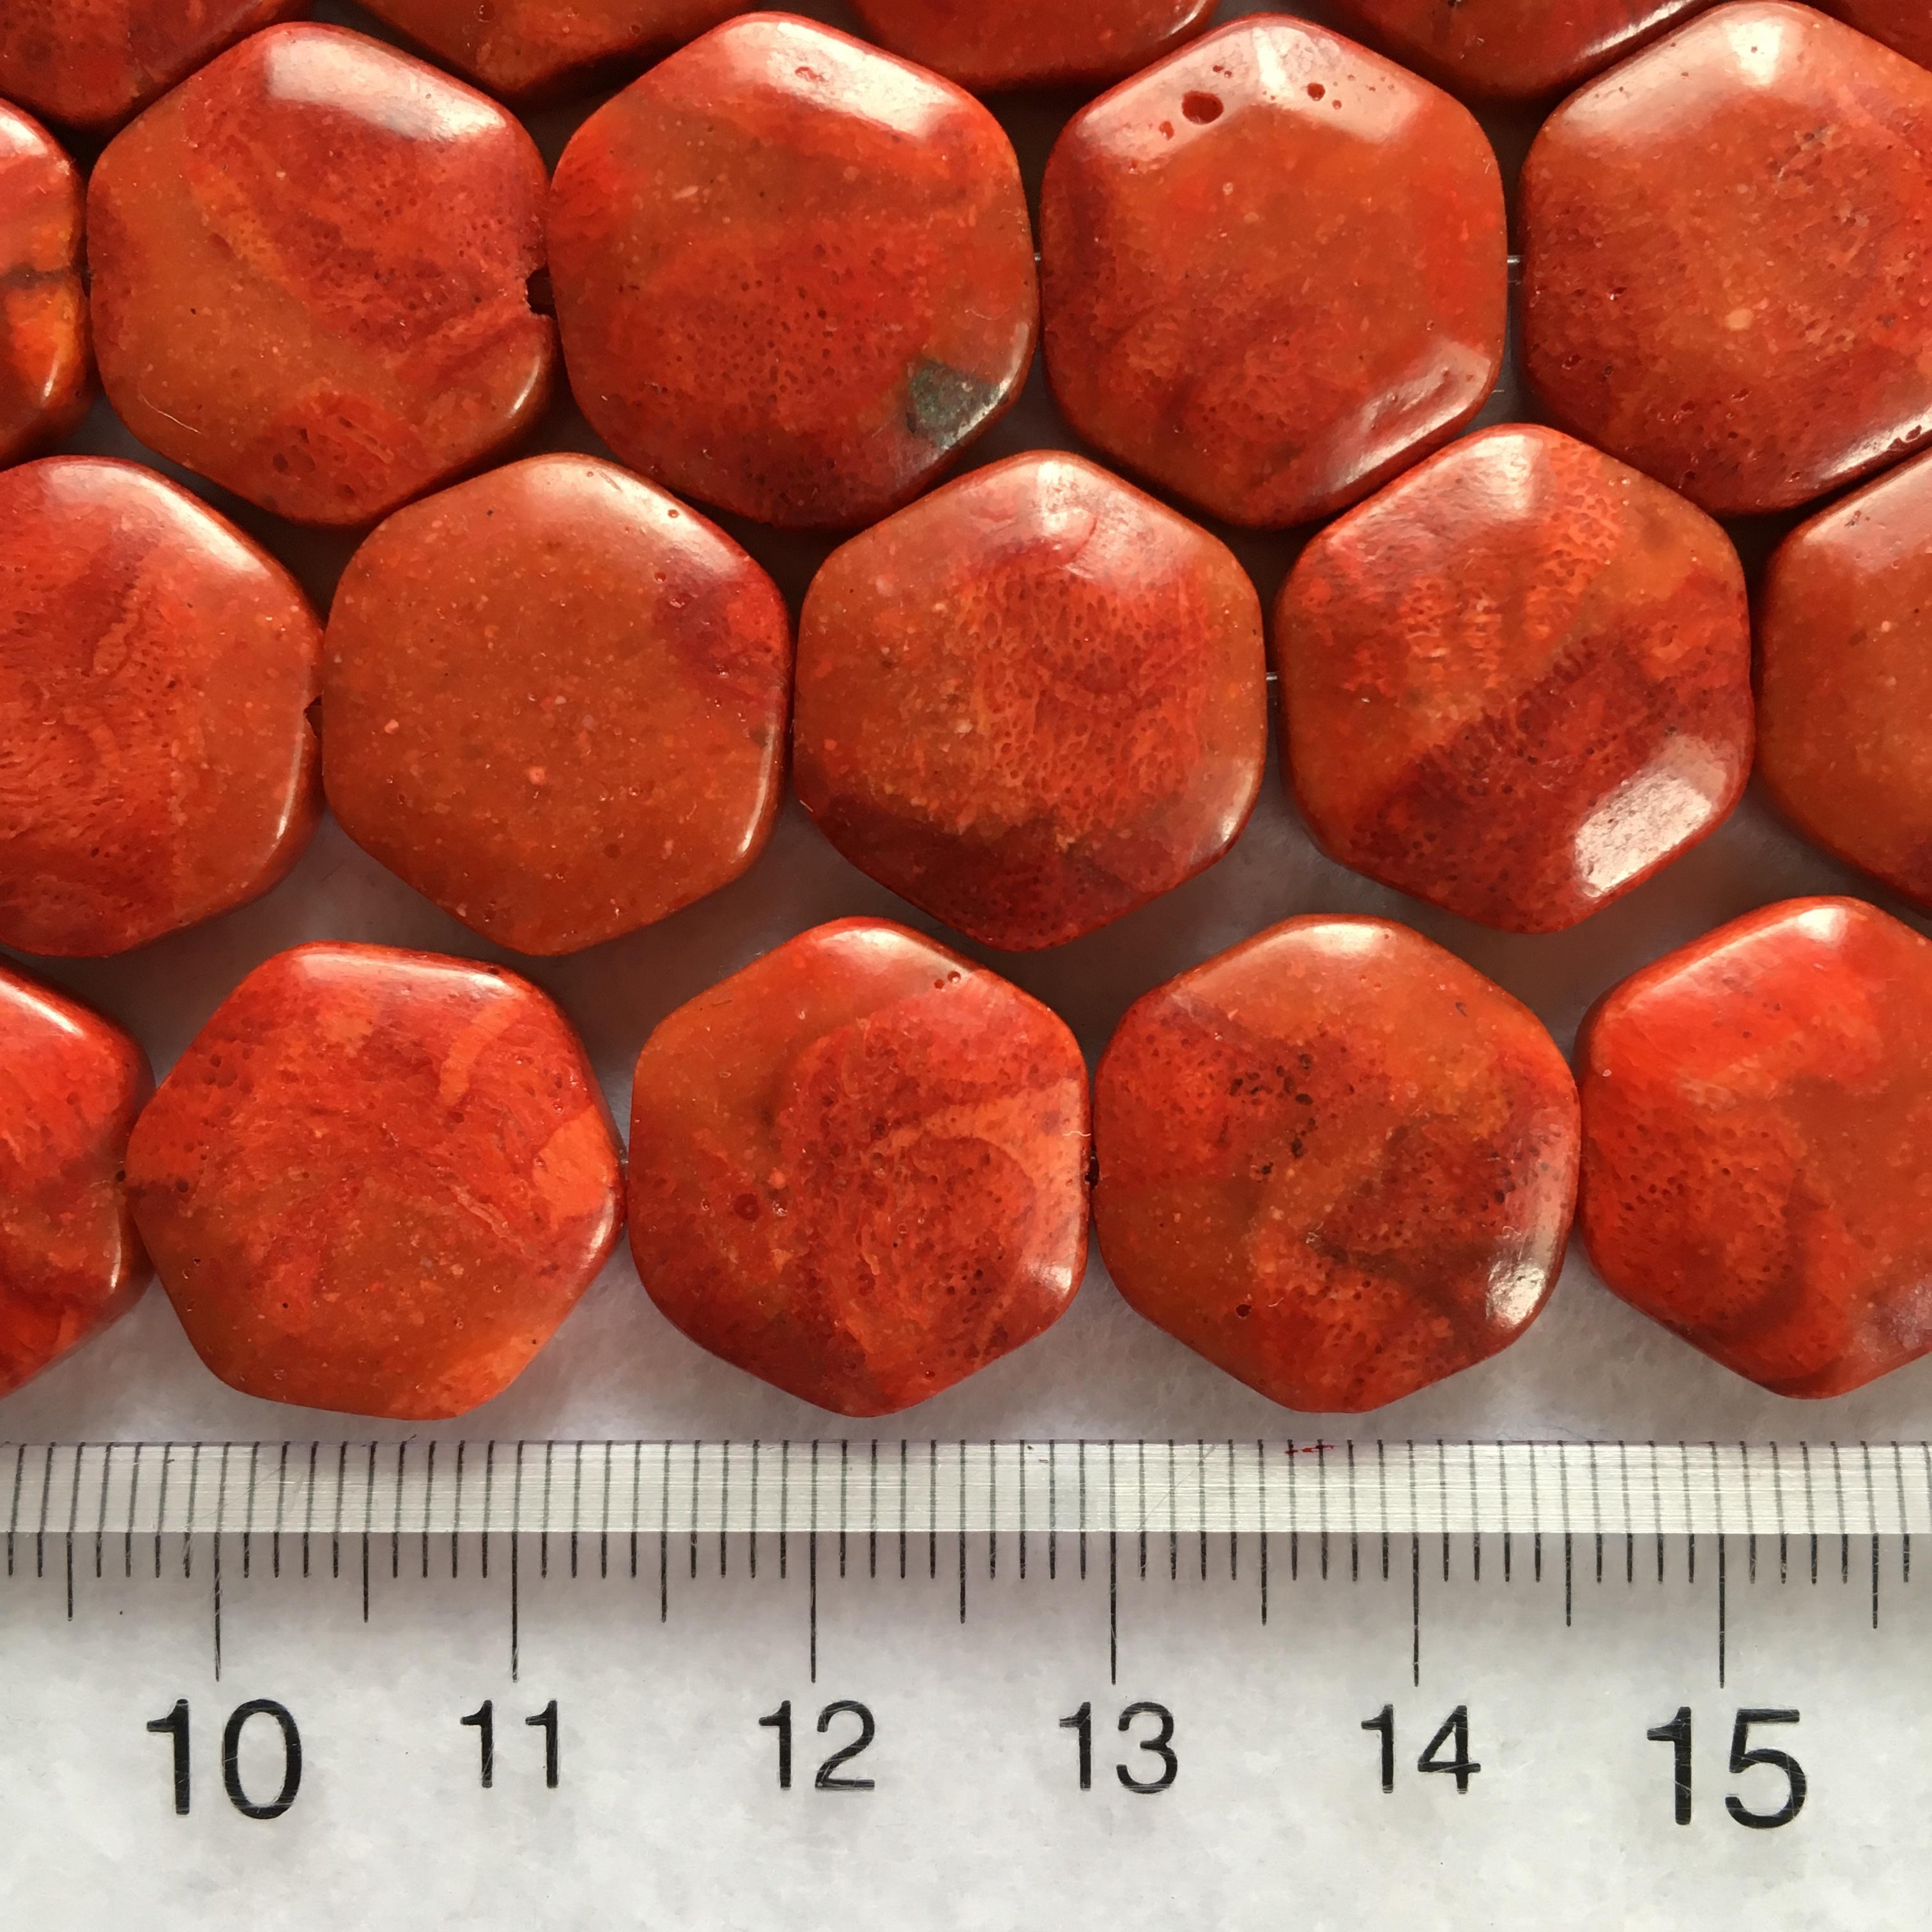 スポンジサンゴ 六角形 約15mm 連材【190132】